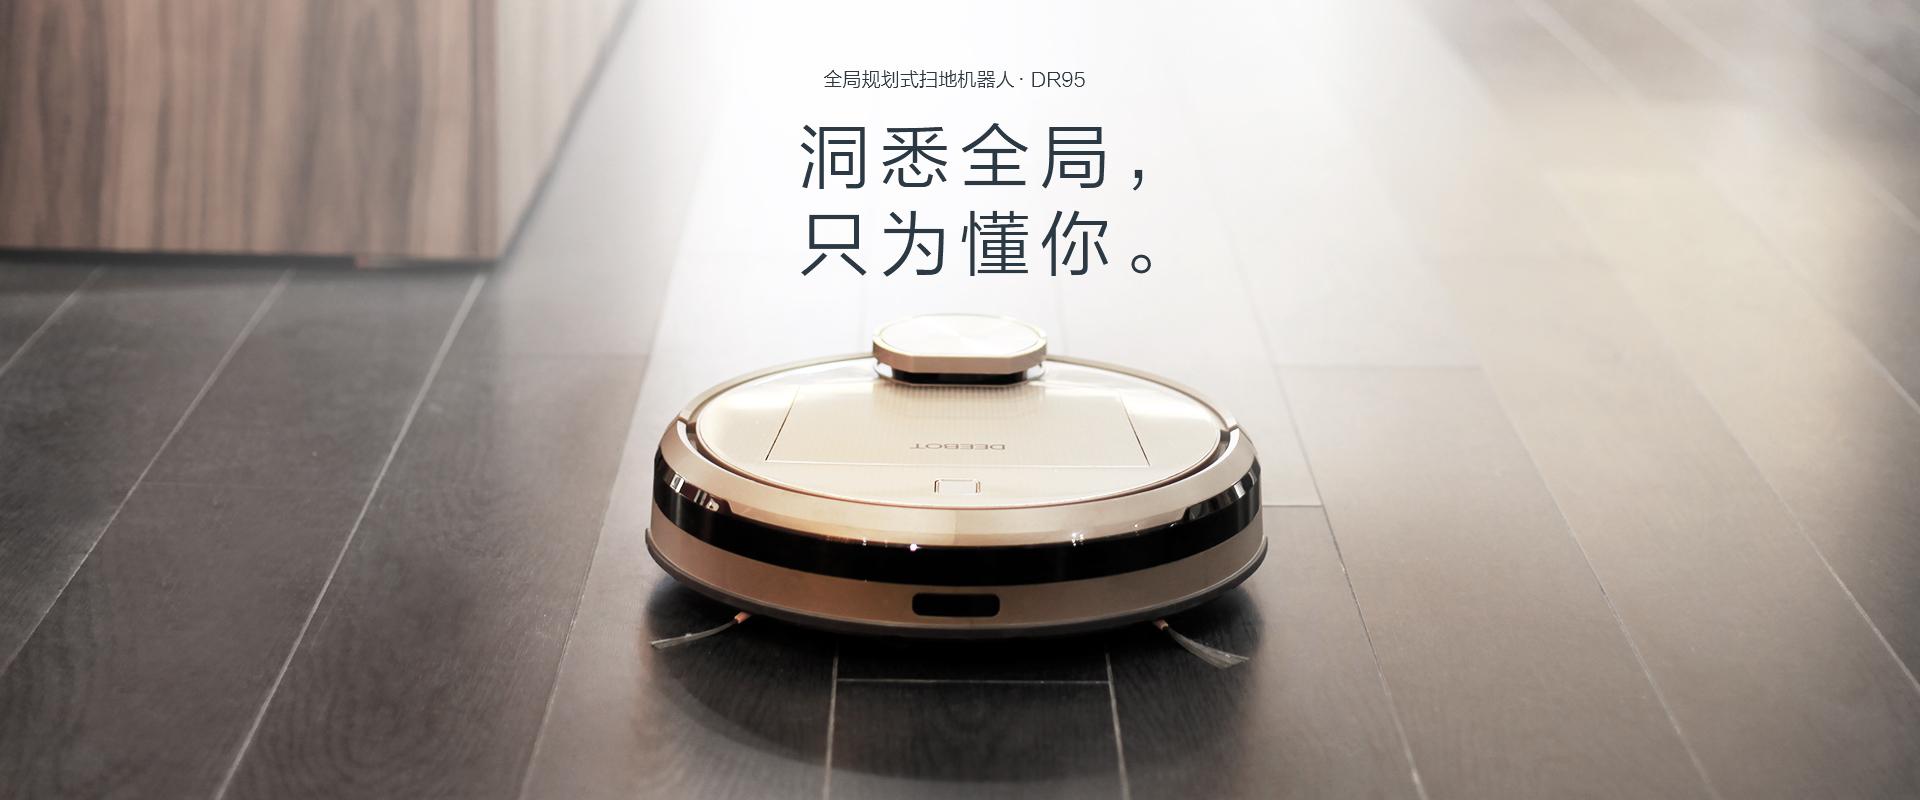 科沃斯掃地機器人地寶DR95(靜云):洞悉全局,只為懂你